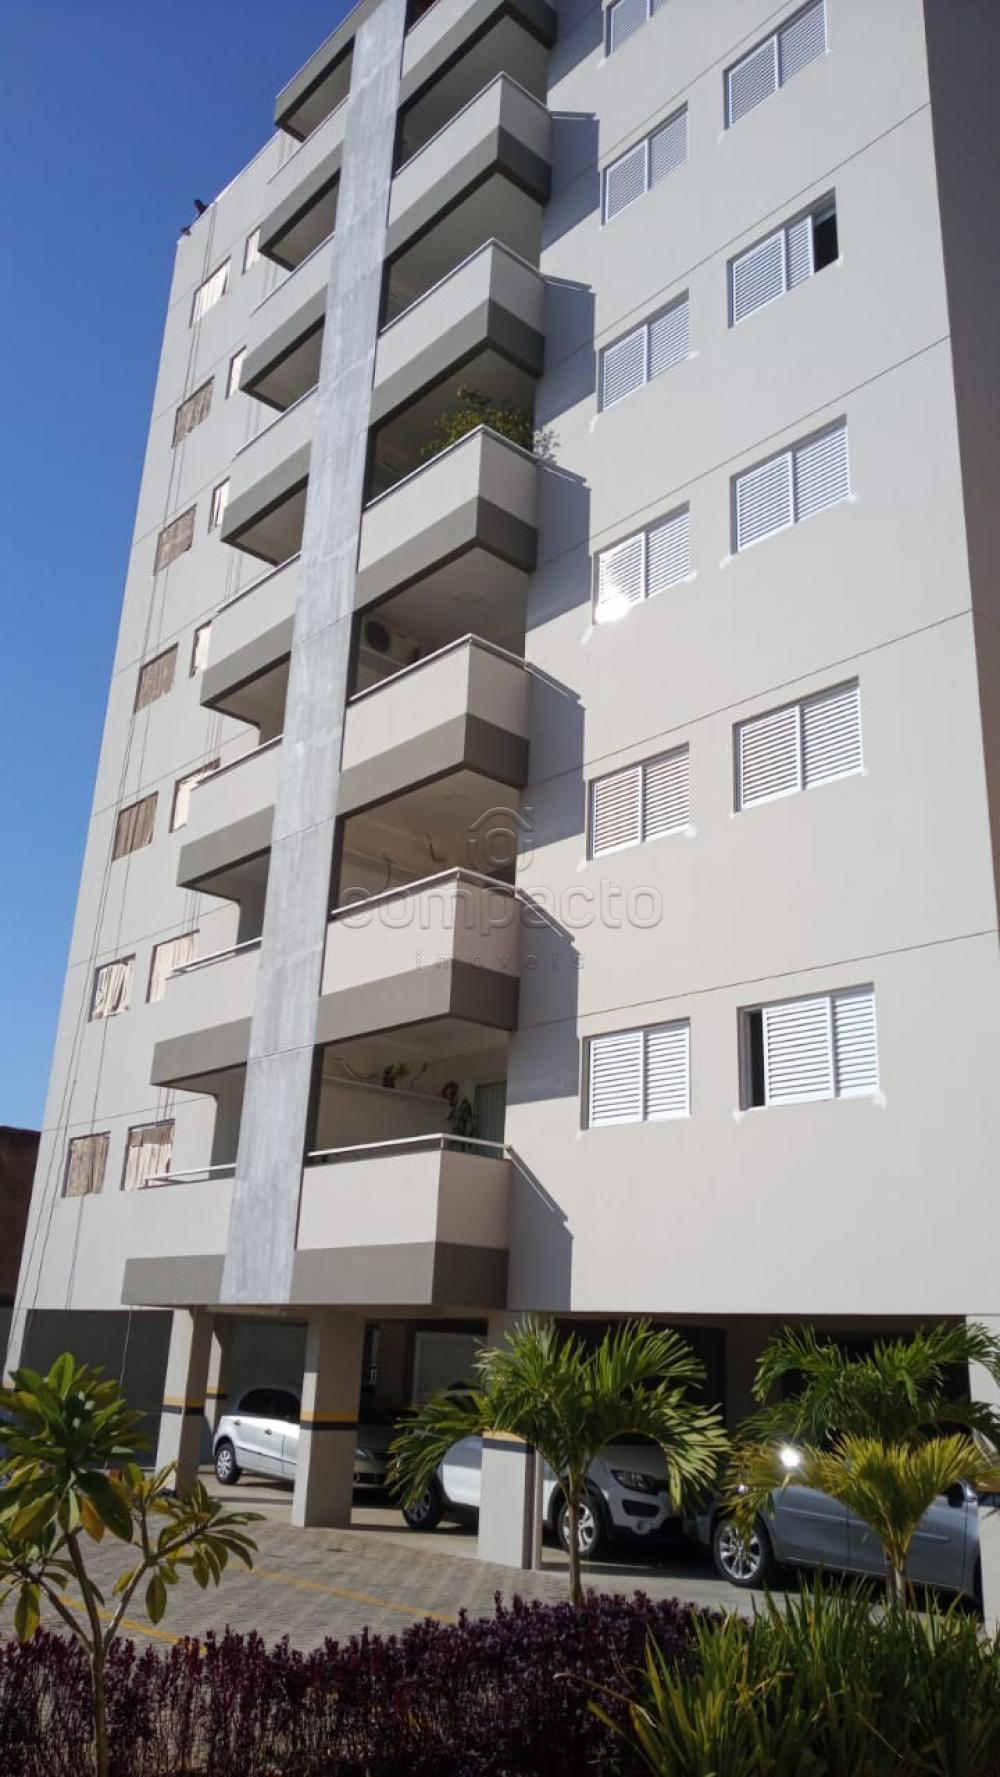 Comprar Apartamento / Padrão em São José do Rio Preto apenas R$ 470.000,00 - Foto 19